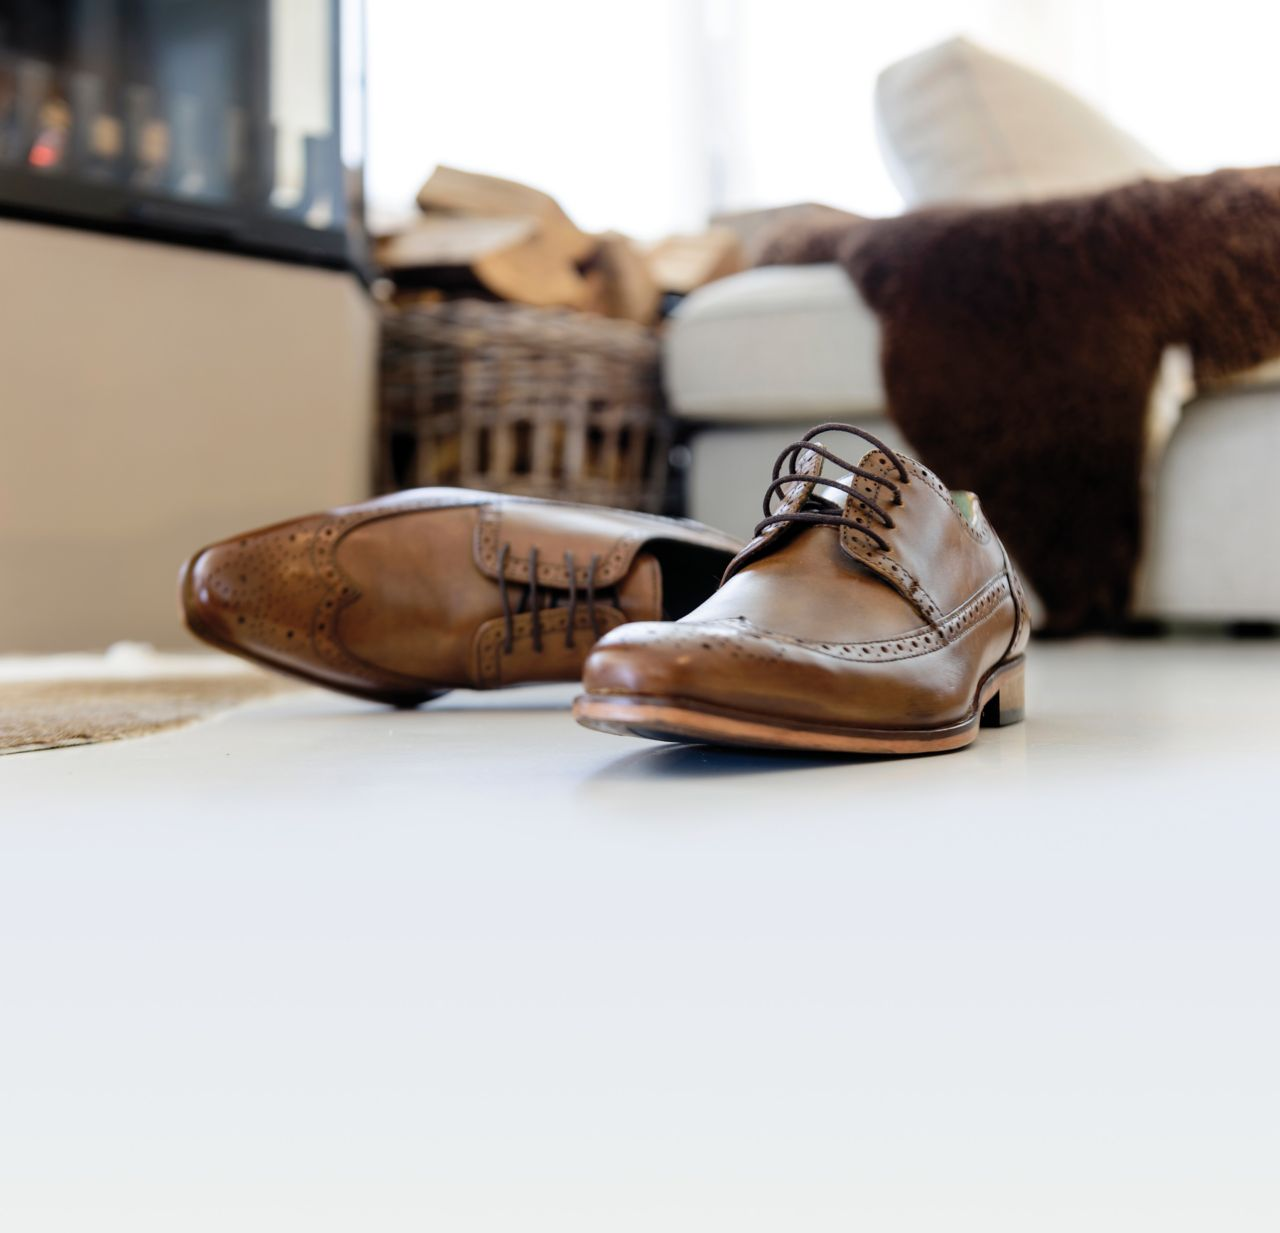 laga skor